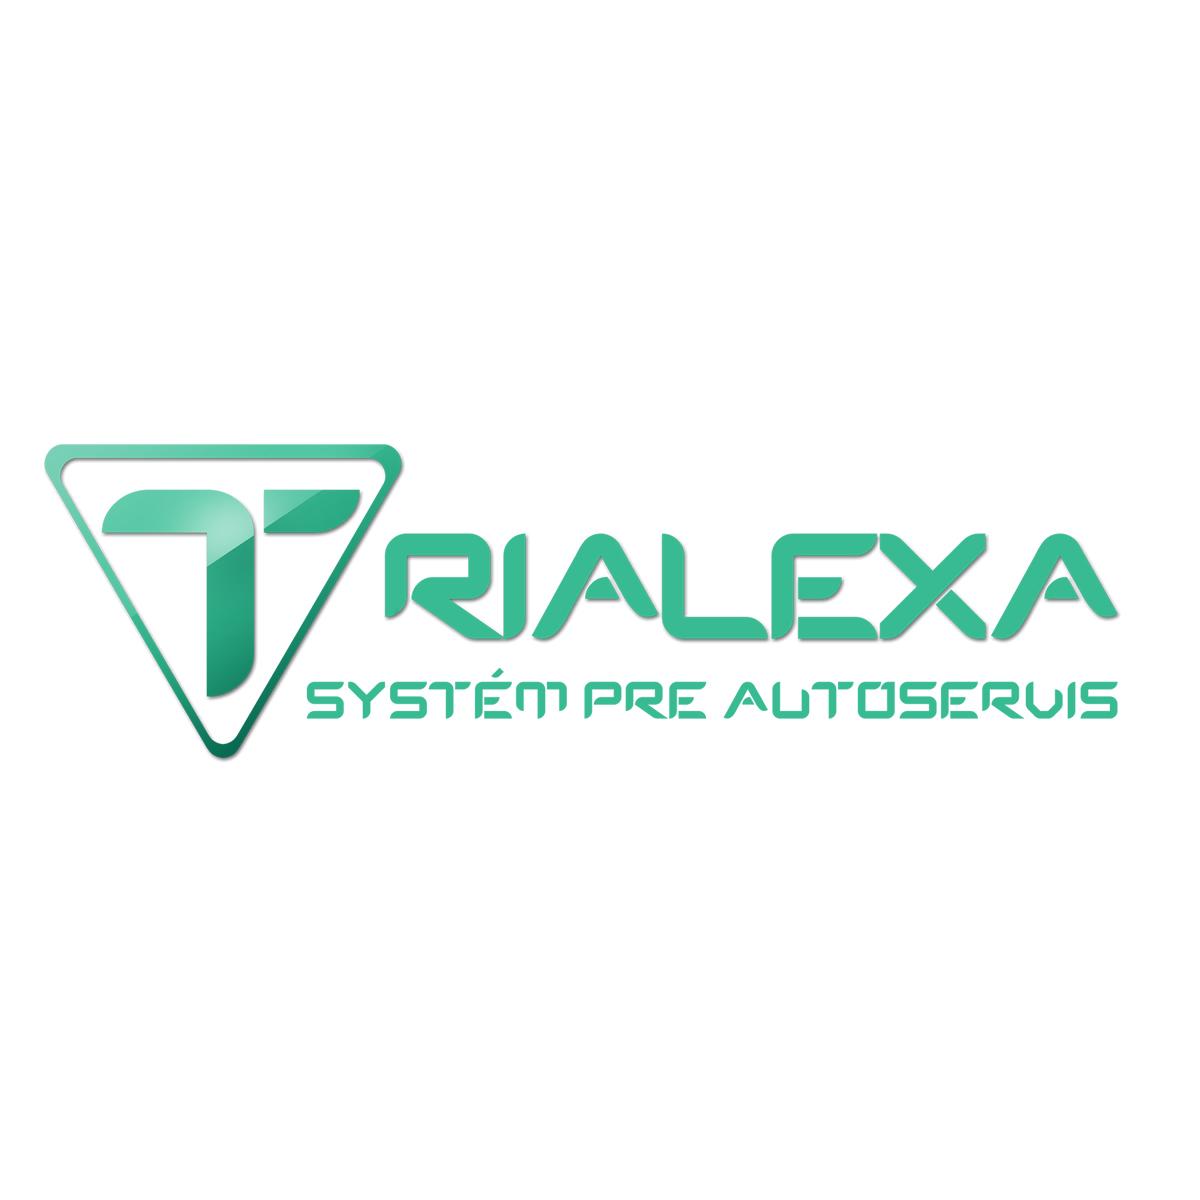 Trialexa - Systém pre autoservis